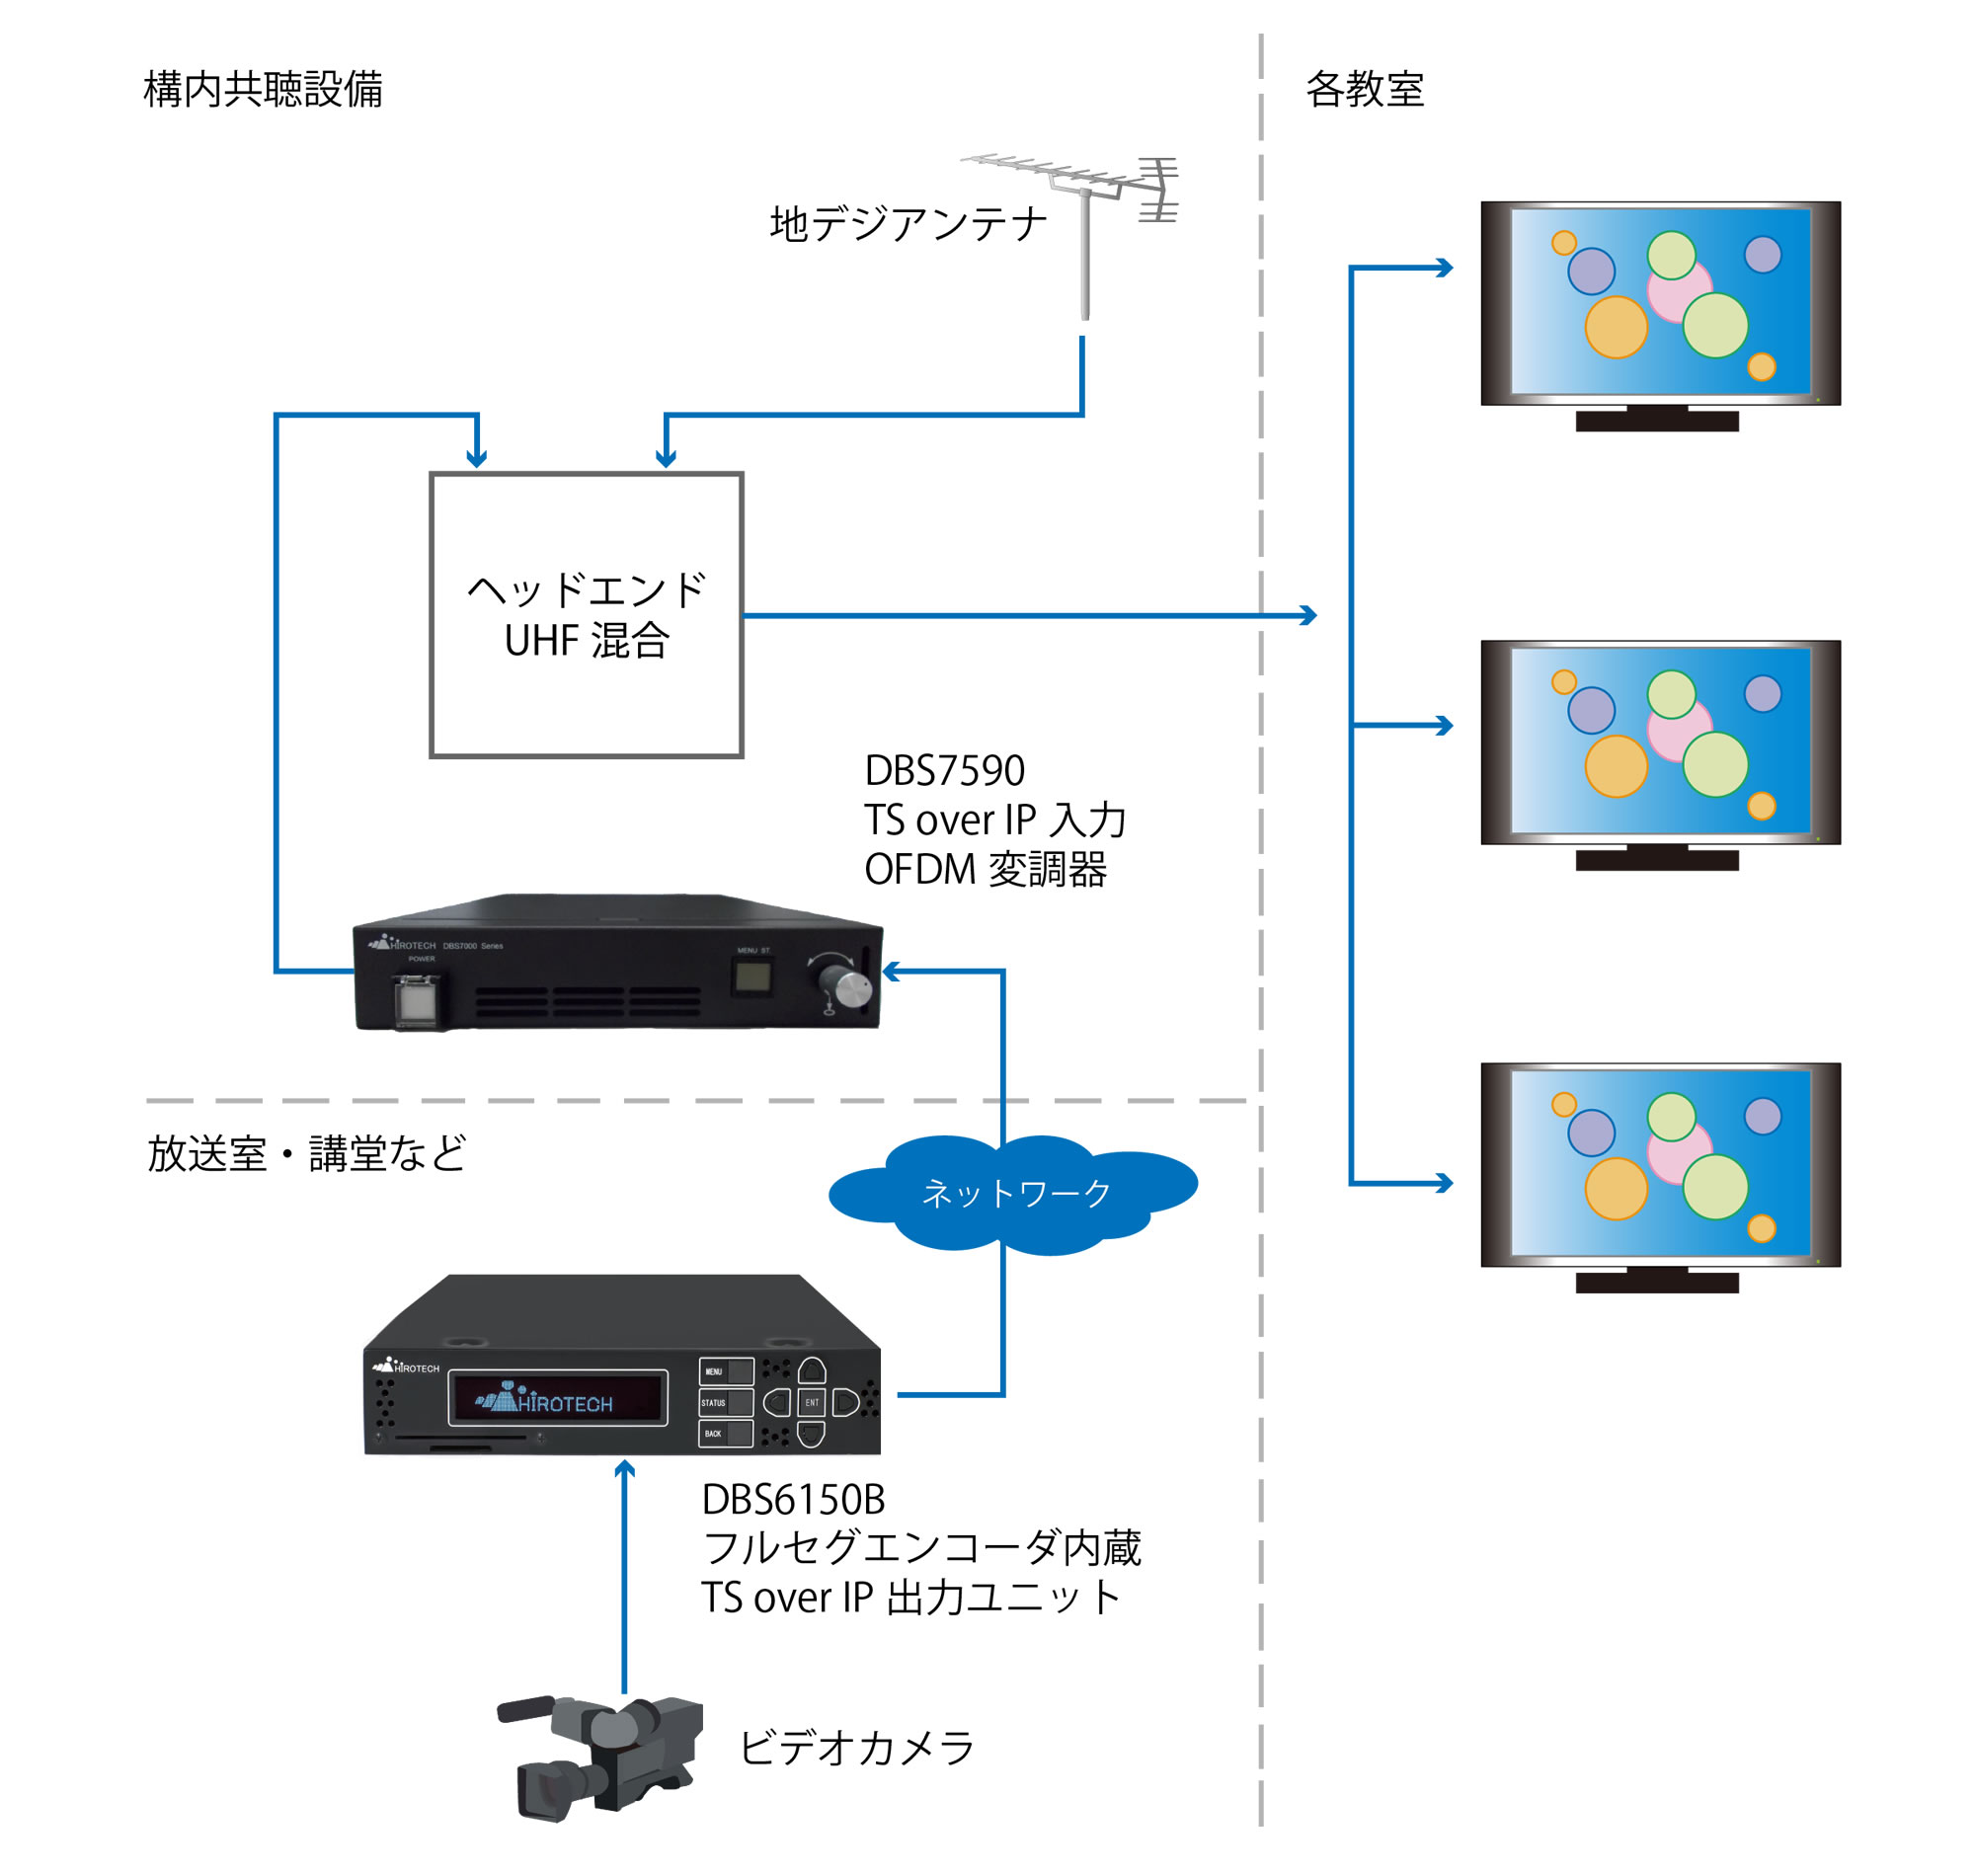 MPEG2/H.264-HDエンコーダ